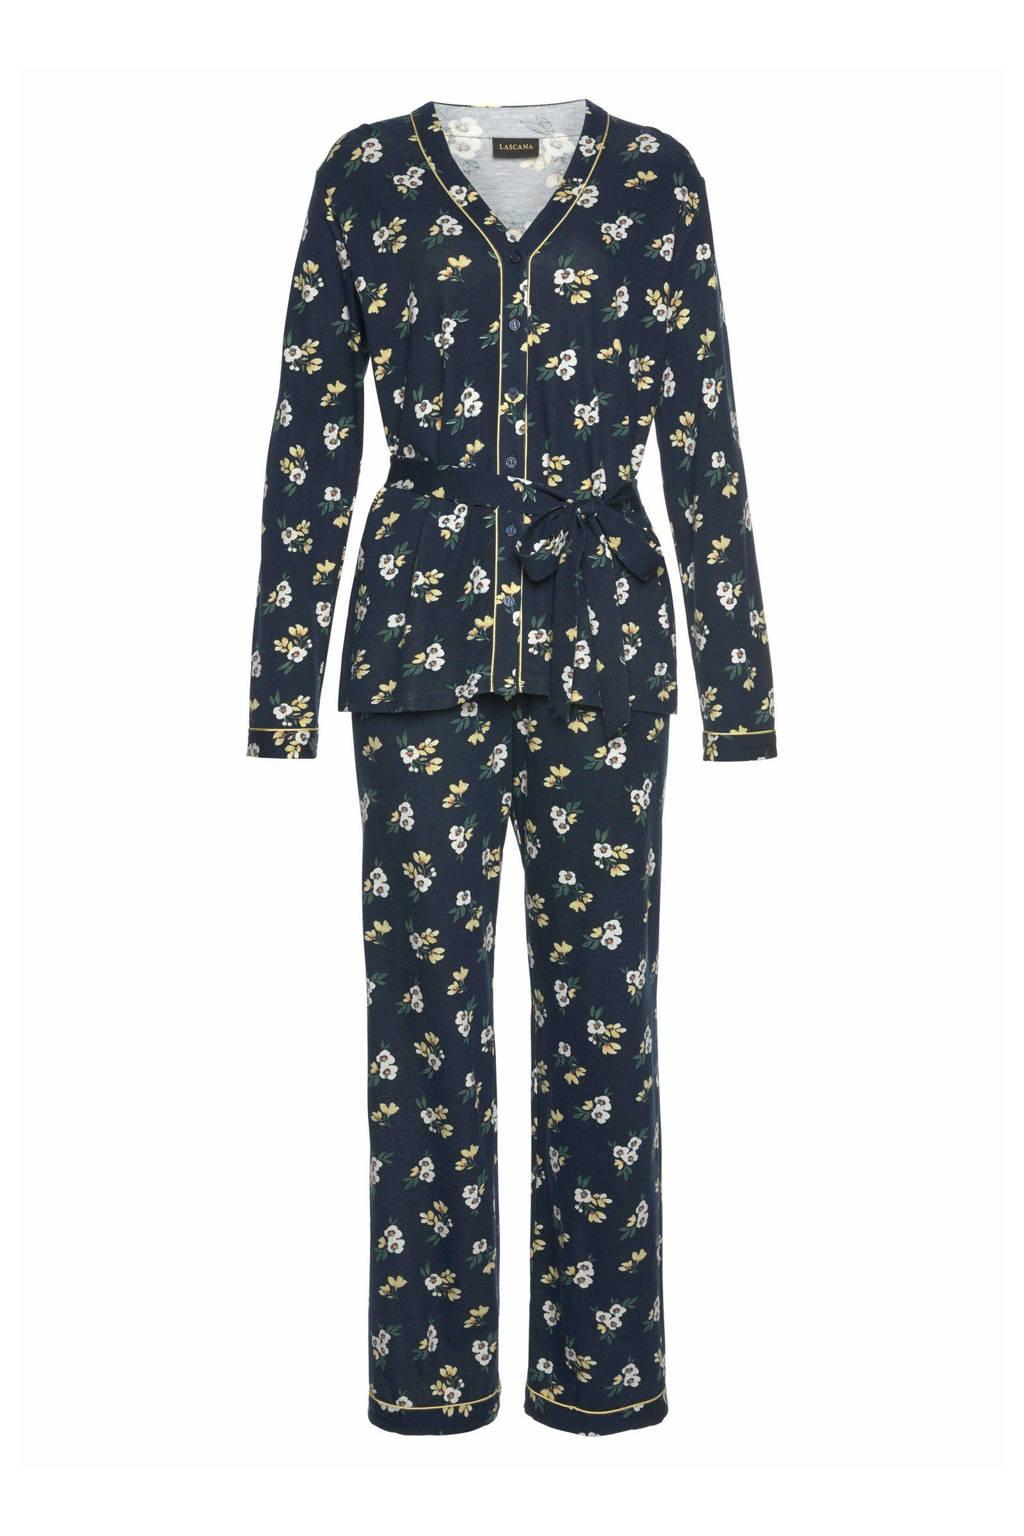 Lascana gebloemde pyjama donkerblauw, Donkerblauw